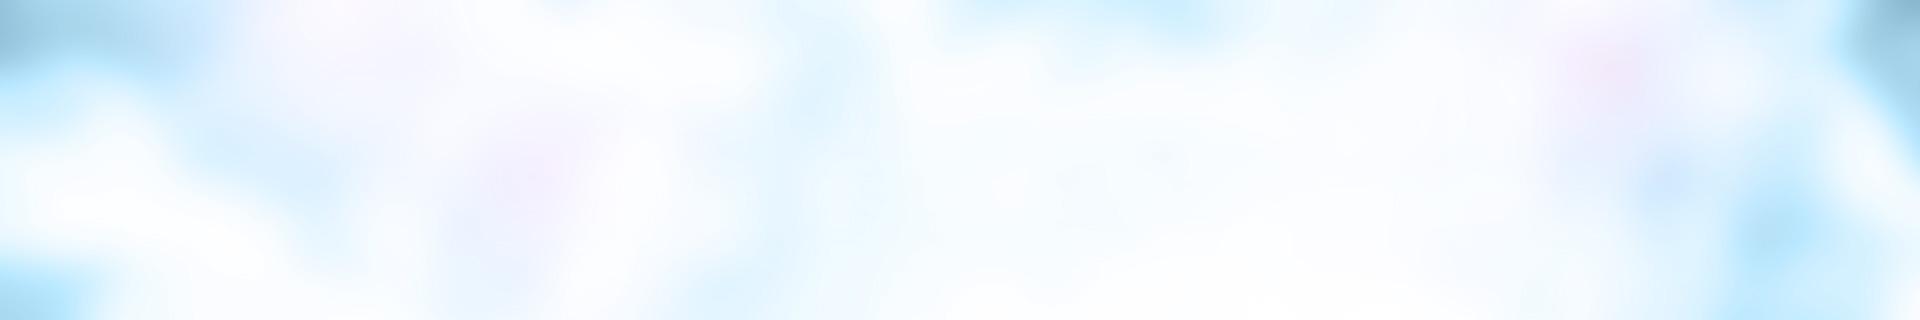 Калужская областная поликлиника регистратура телефон